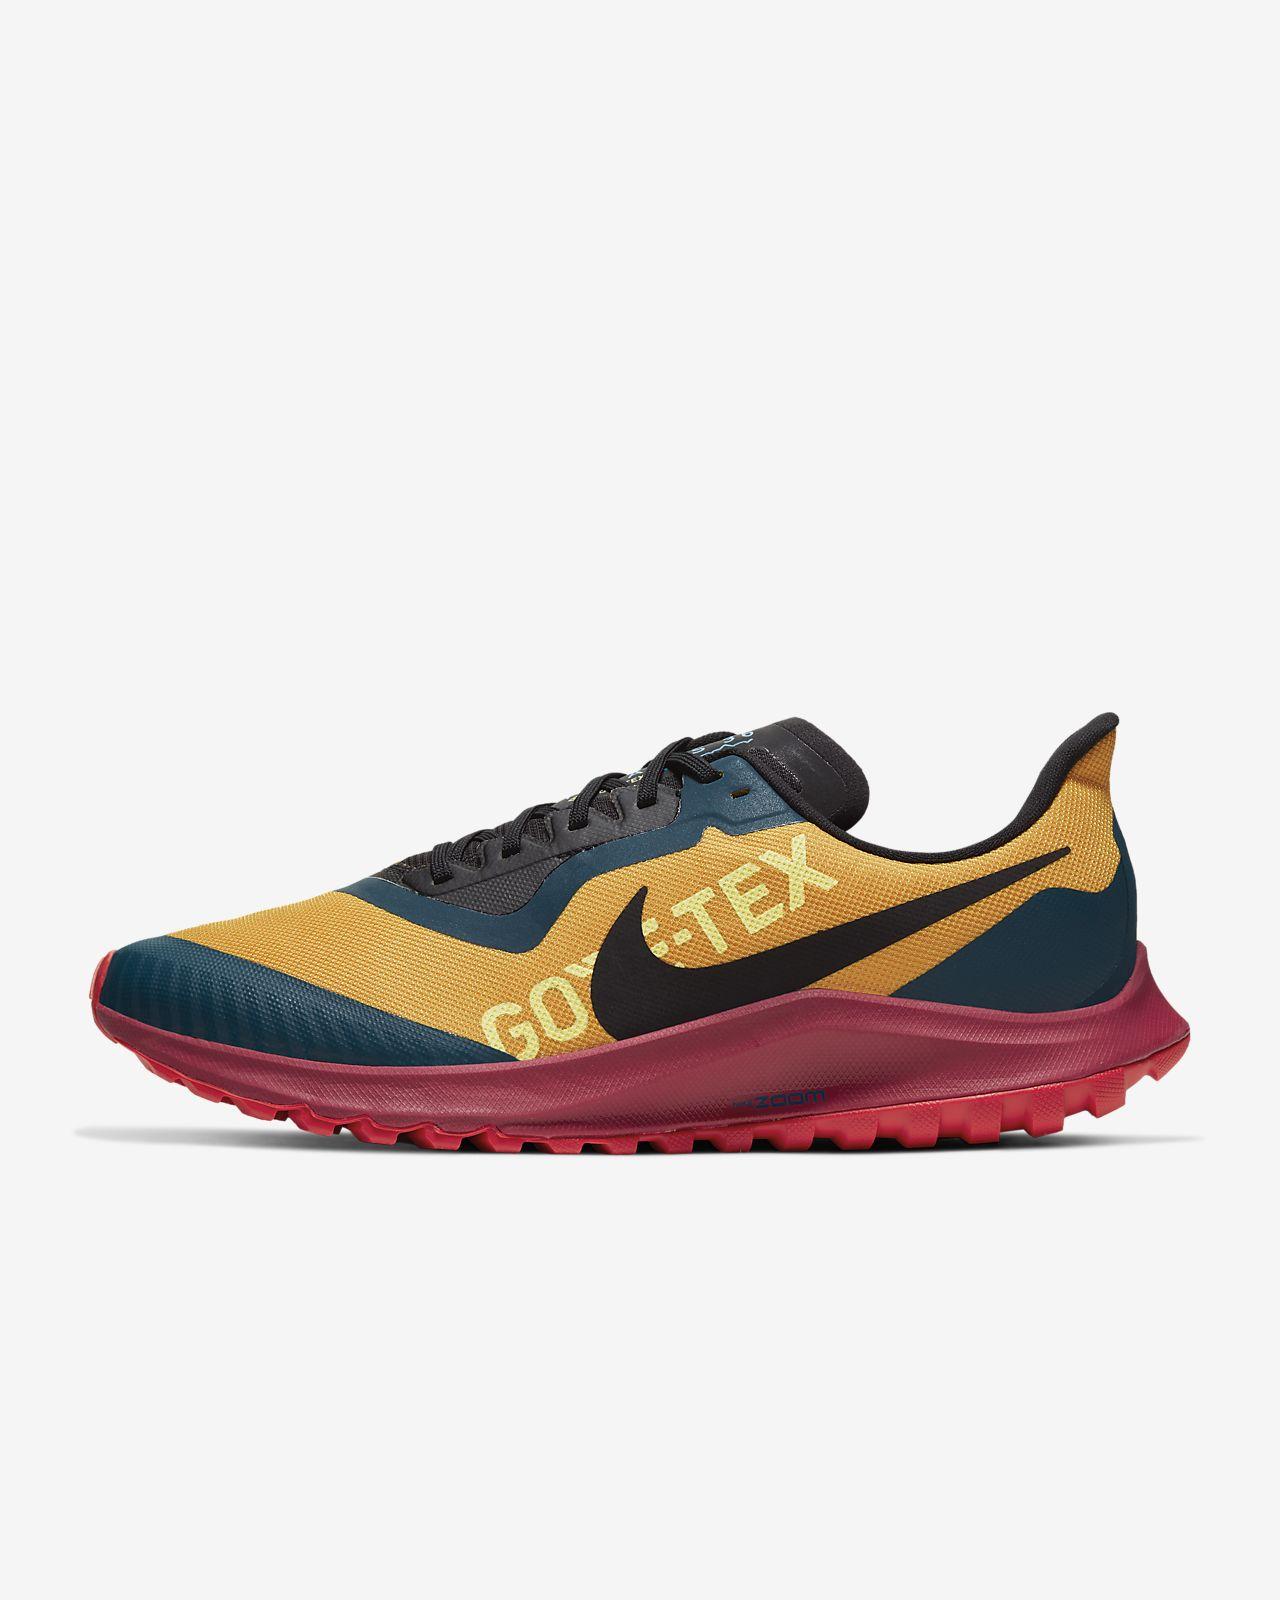 Nike Air Zoom Pegasus 36 Trail GORE-TEX Zapatillas de running para trail - Hombre